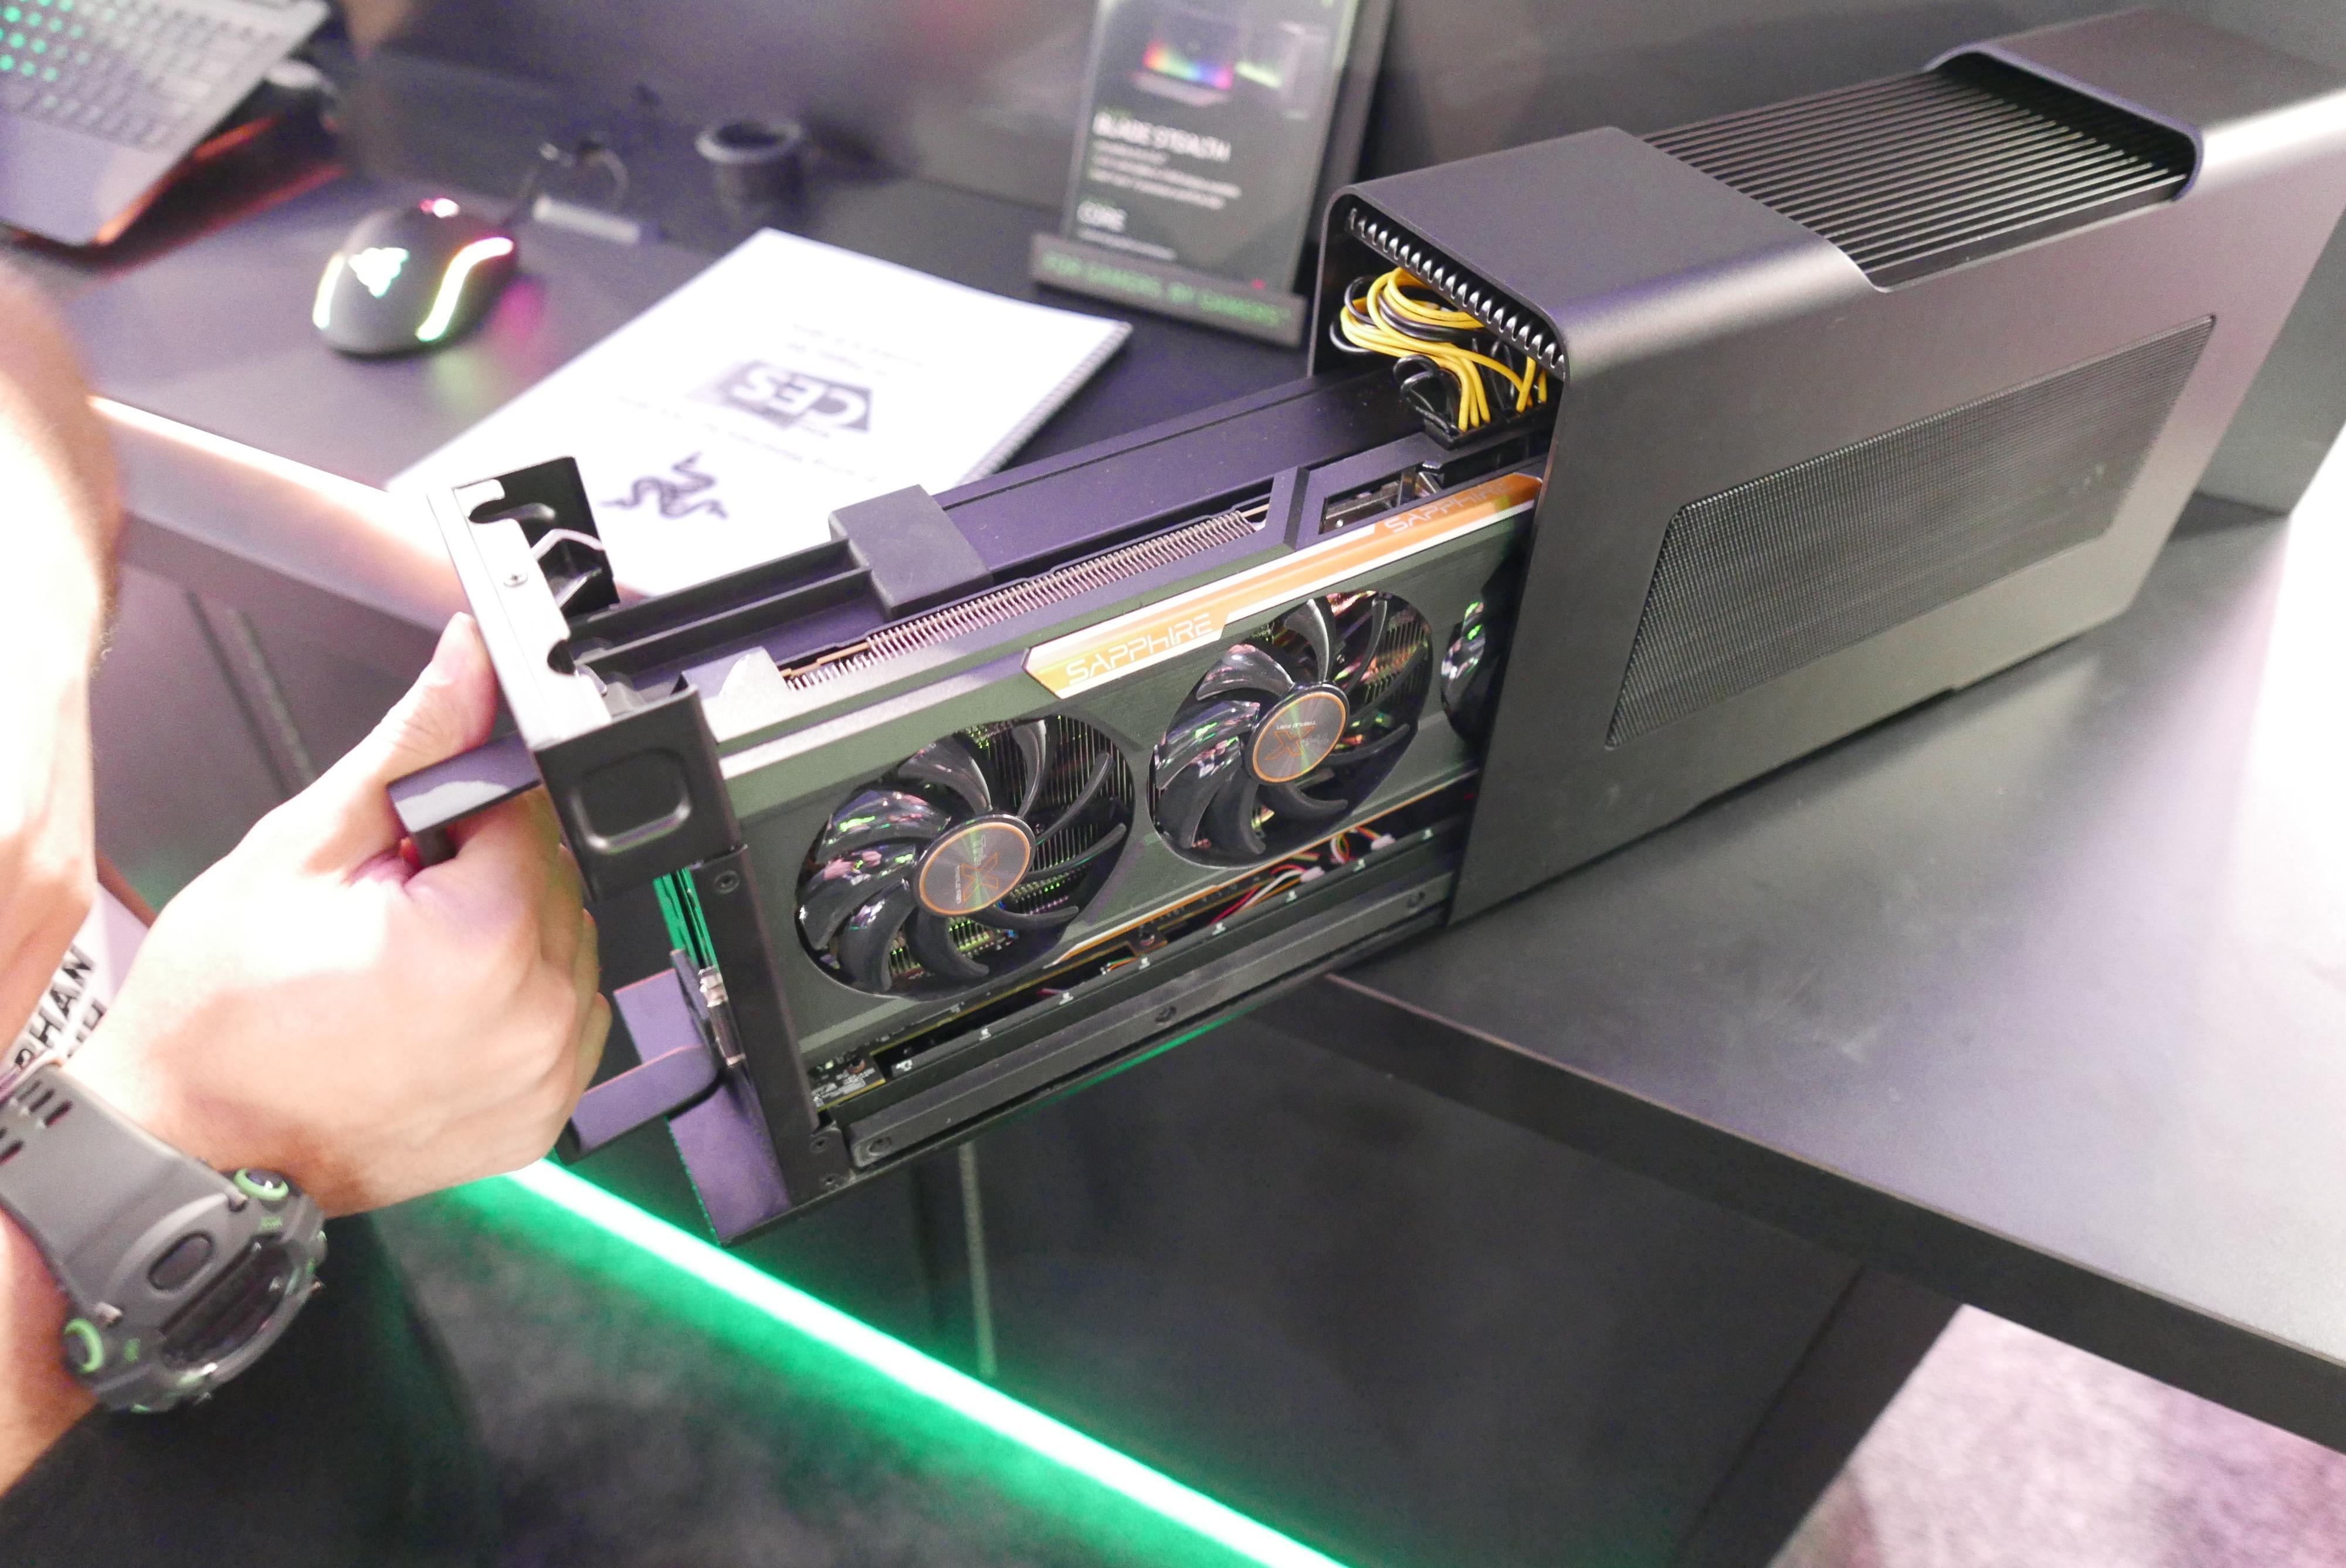 Skjermkortet og strømforsyningen sitter som et stykke inne i den eksterne boksen.